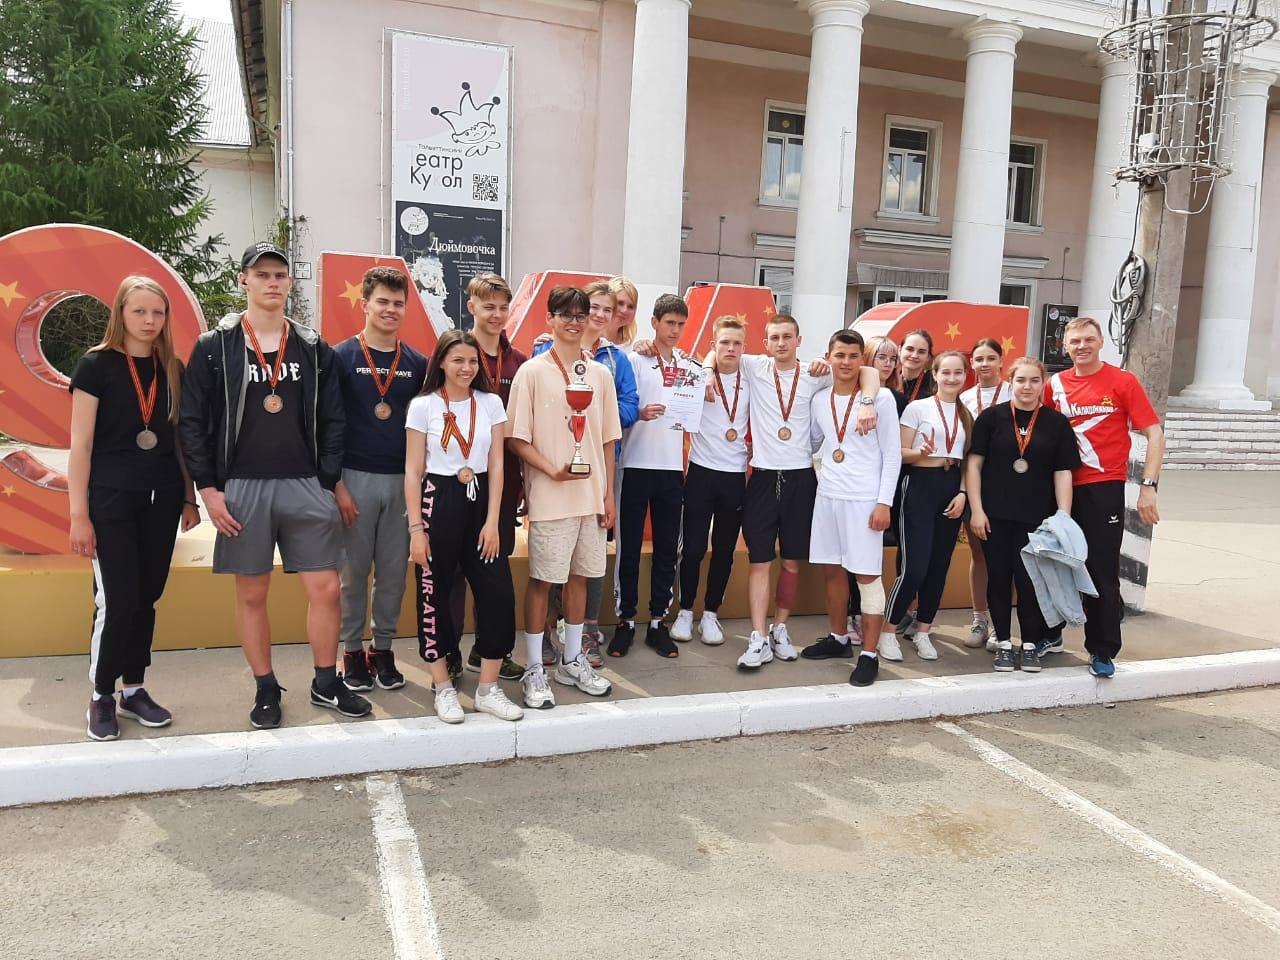 Легкоатлетическая эстафета в день празднования Дня Победы в Великой Отечественной войне